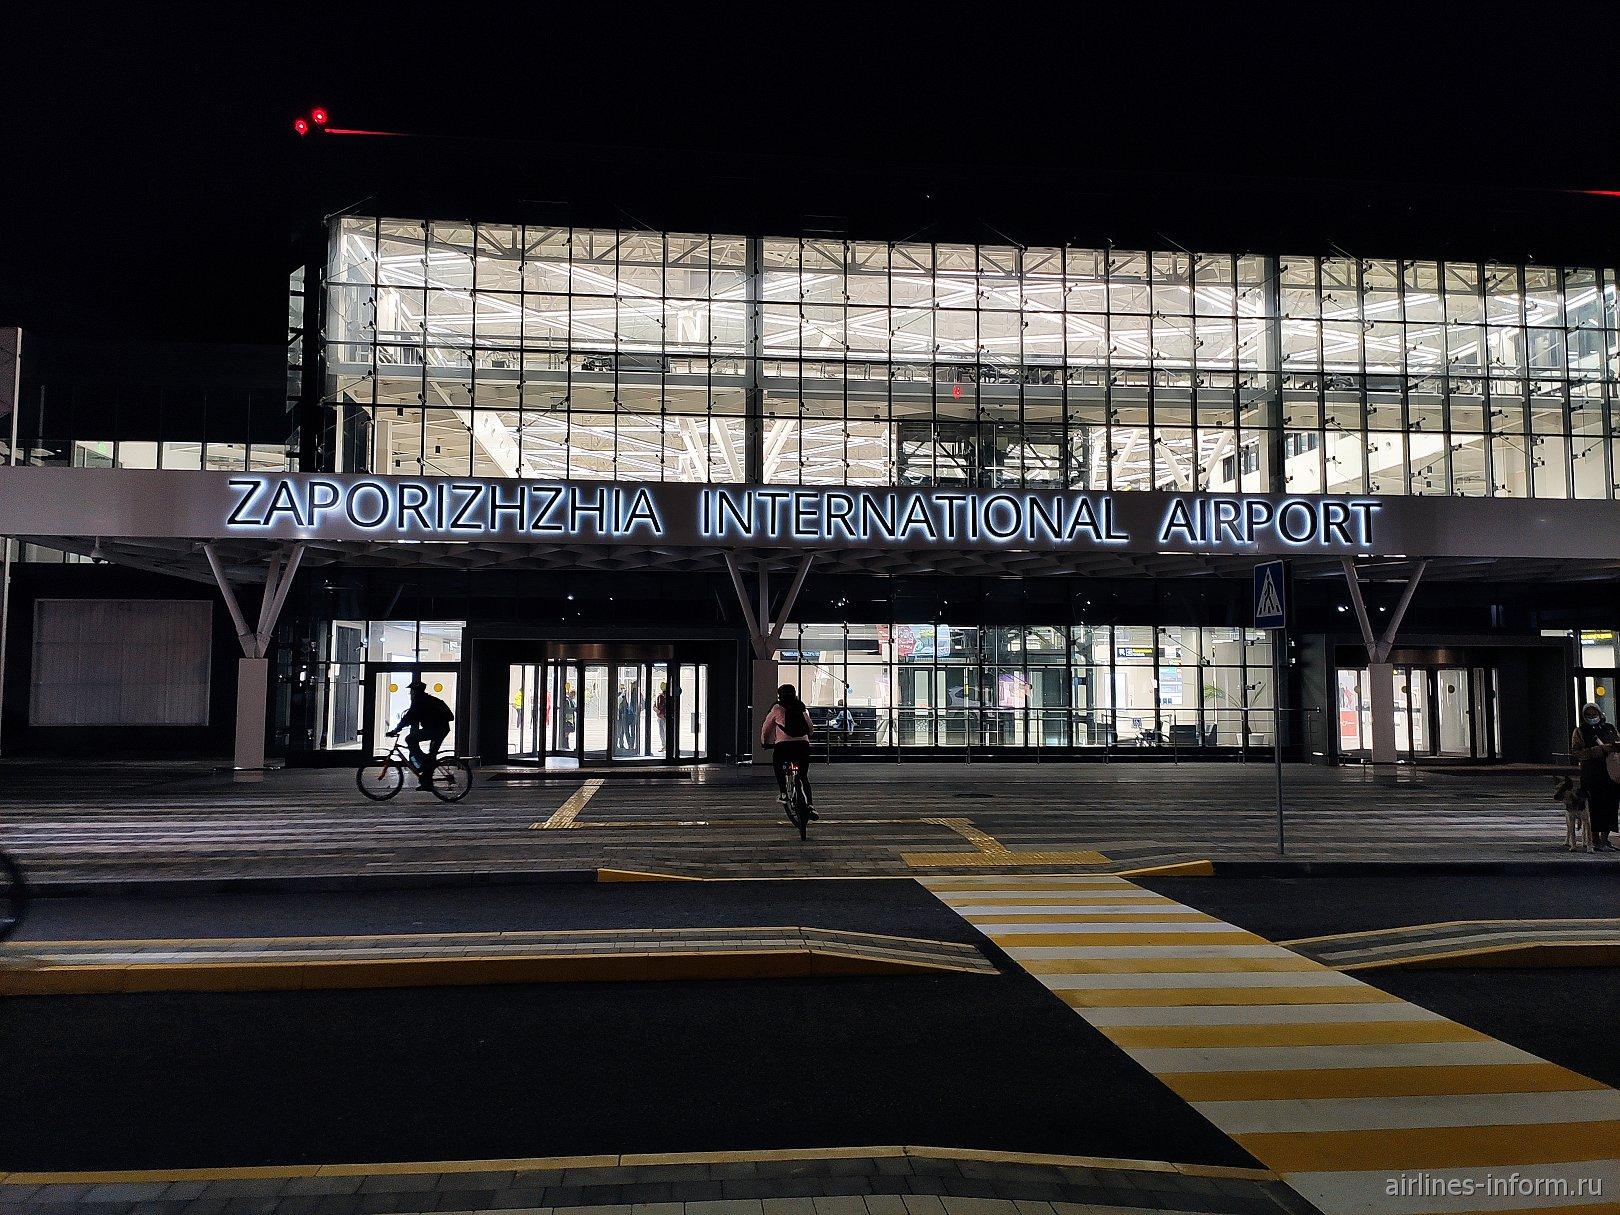 Вход в новый пассажирский терминал аэропорта Запорожье